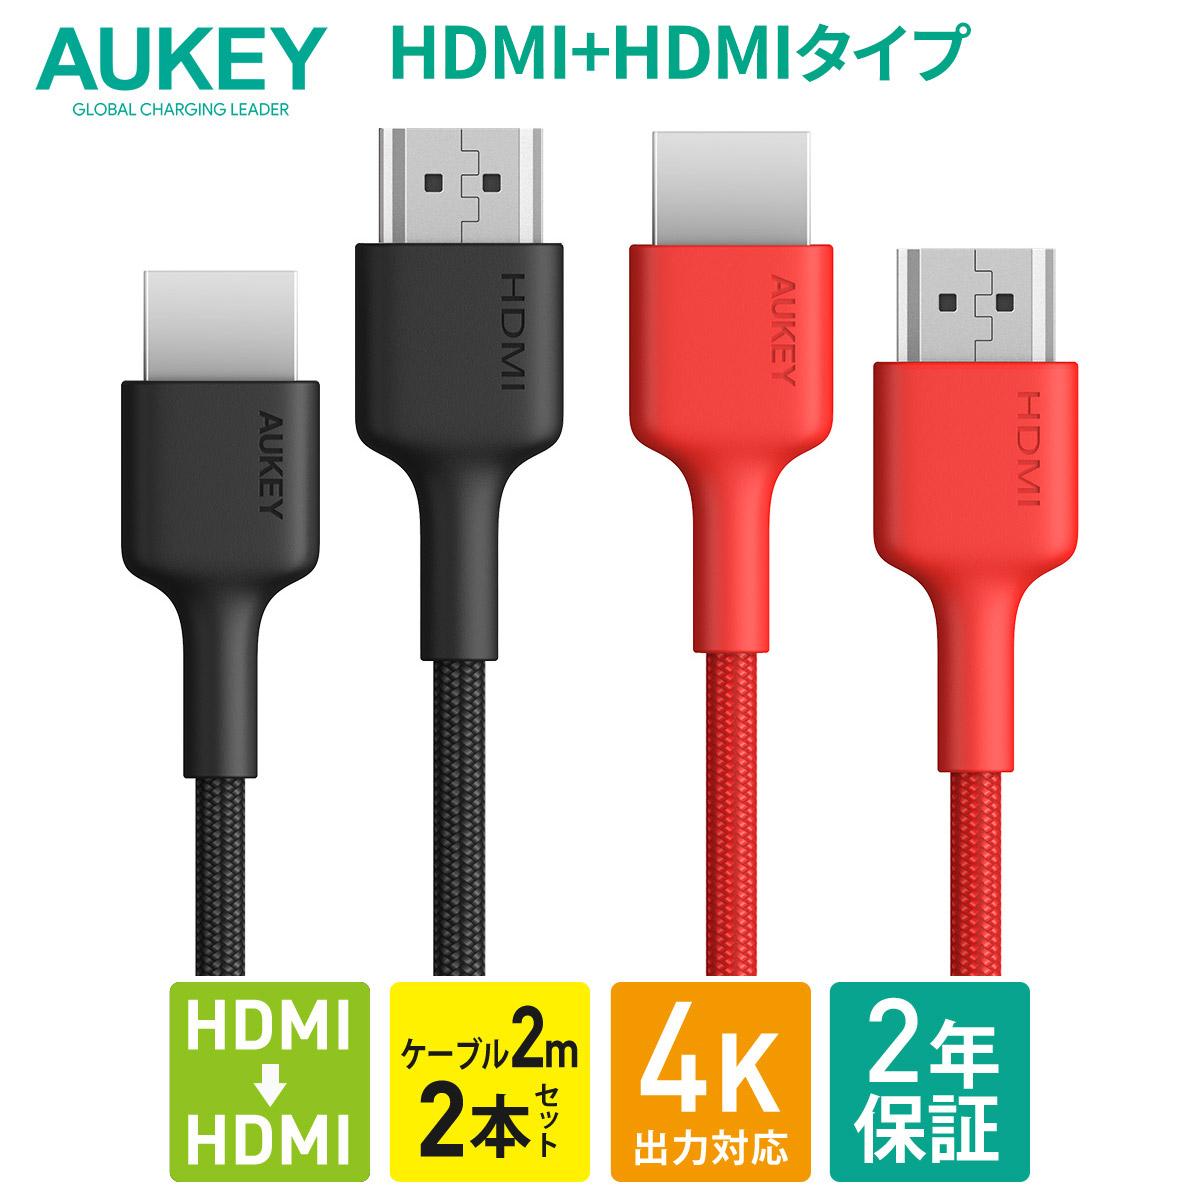 編組ナイロン素材で高耐久、お得な2本セット HDMIケーブル 2m 2本セット AUKEY オーキー Impulse series ブラック / レッド CB-H01-BKRD 4K対応 高耐久 HDMI 2.0 ハイスピード 高速データ転送 18Gbps おしゃれ 2年保証